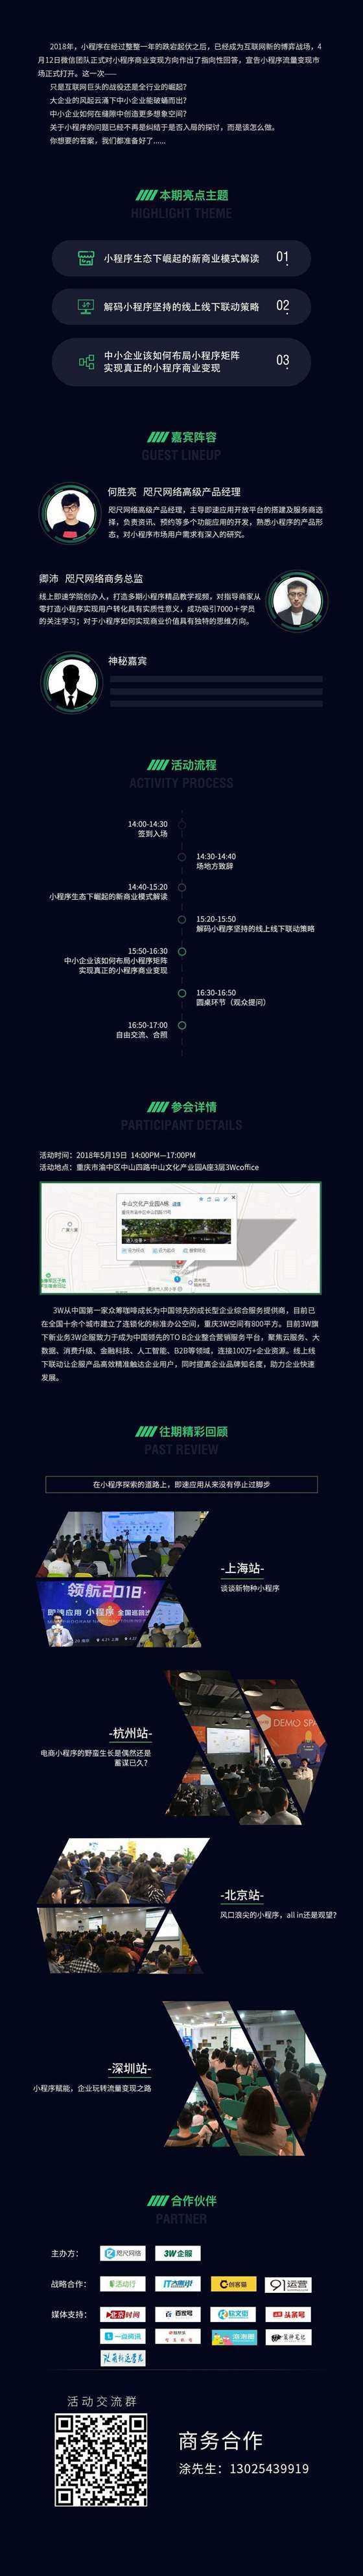 长图-重庆_6.jpg